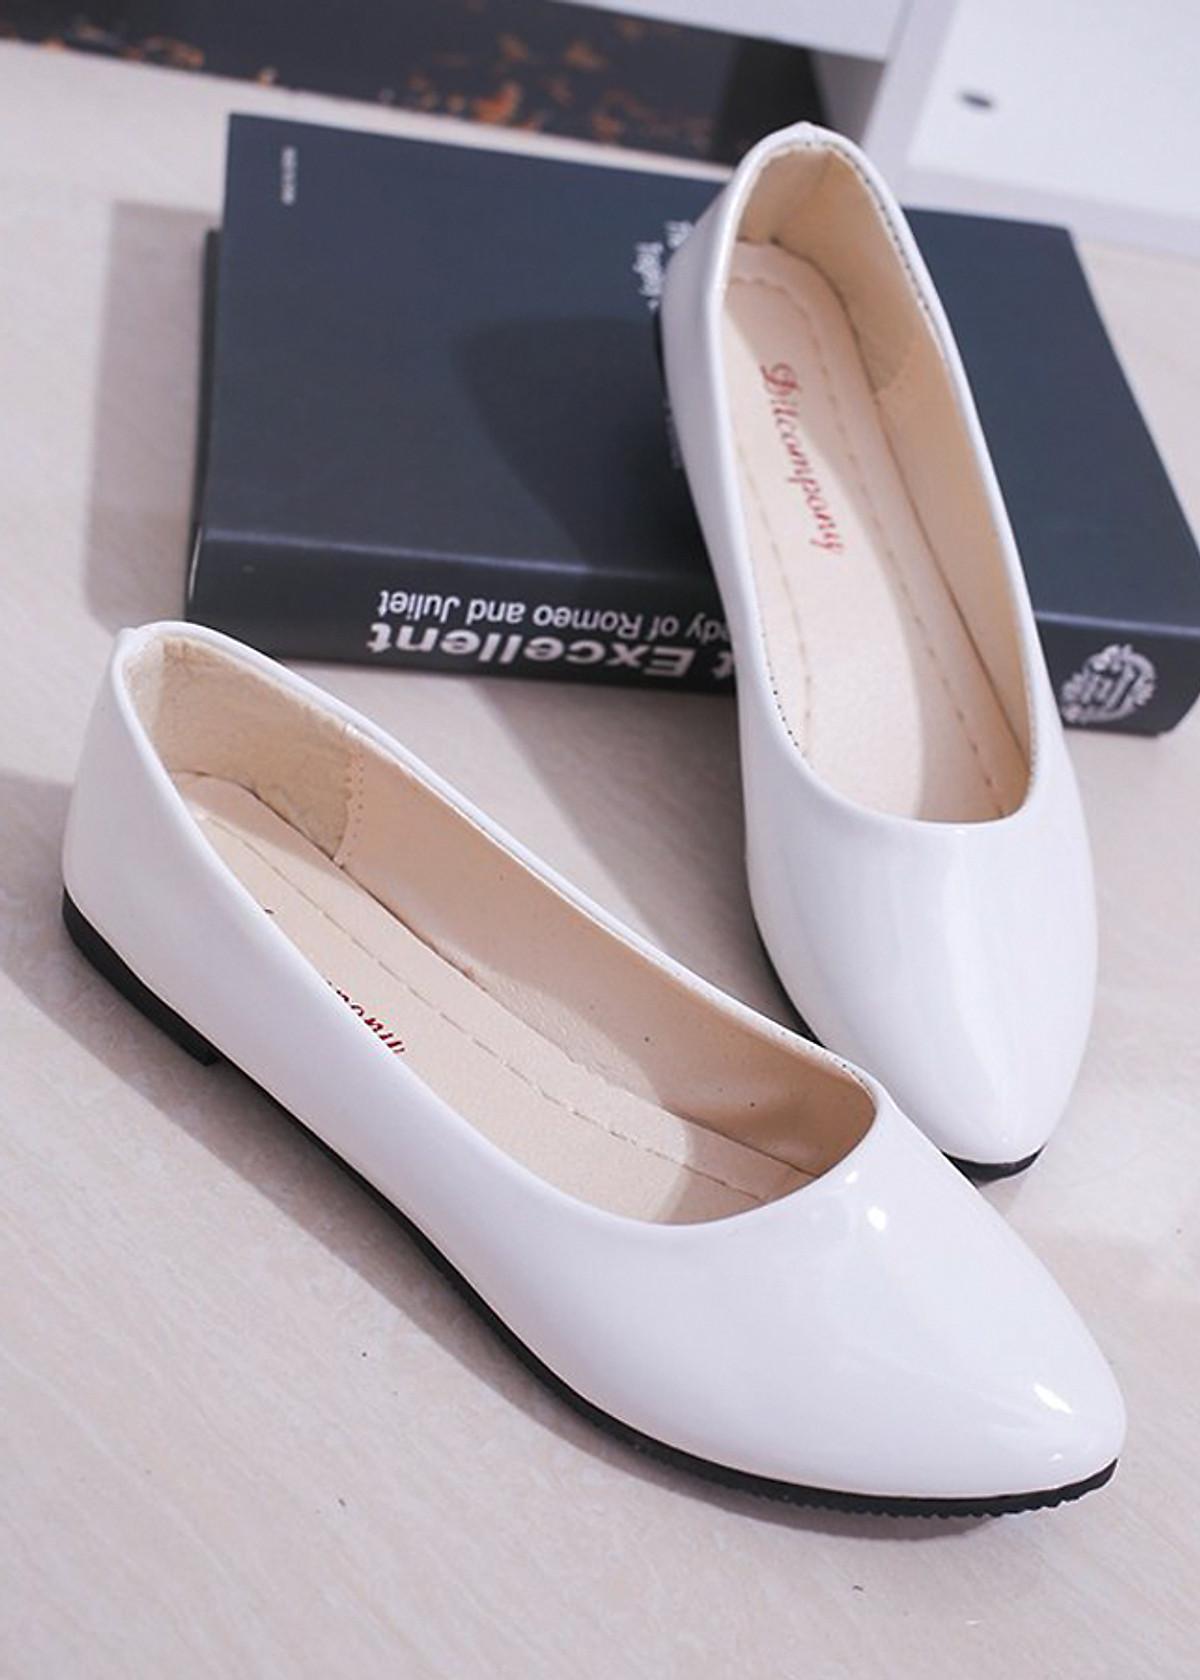 Giày búp bê da bóng mềm không đau chân , dáng chuẩn 96309 18